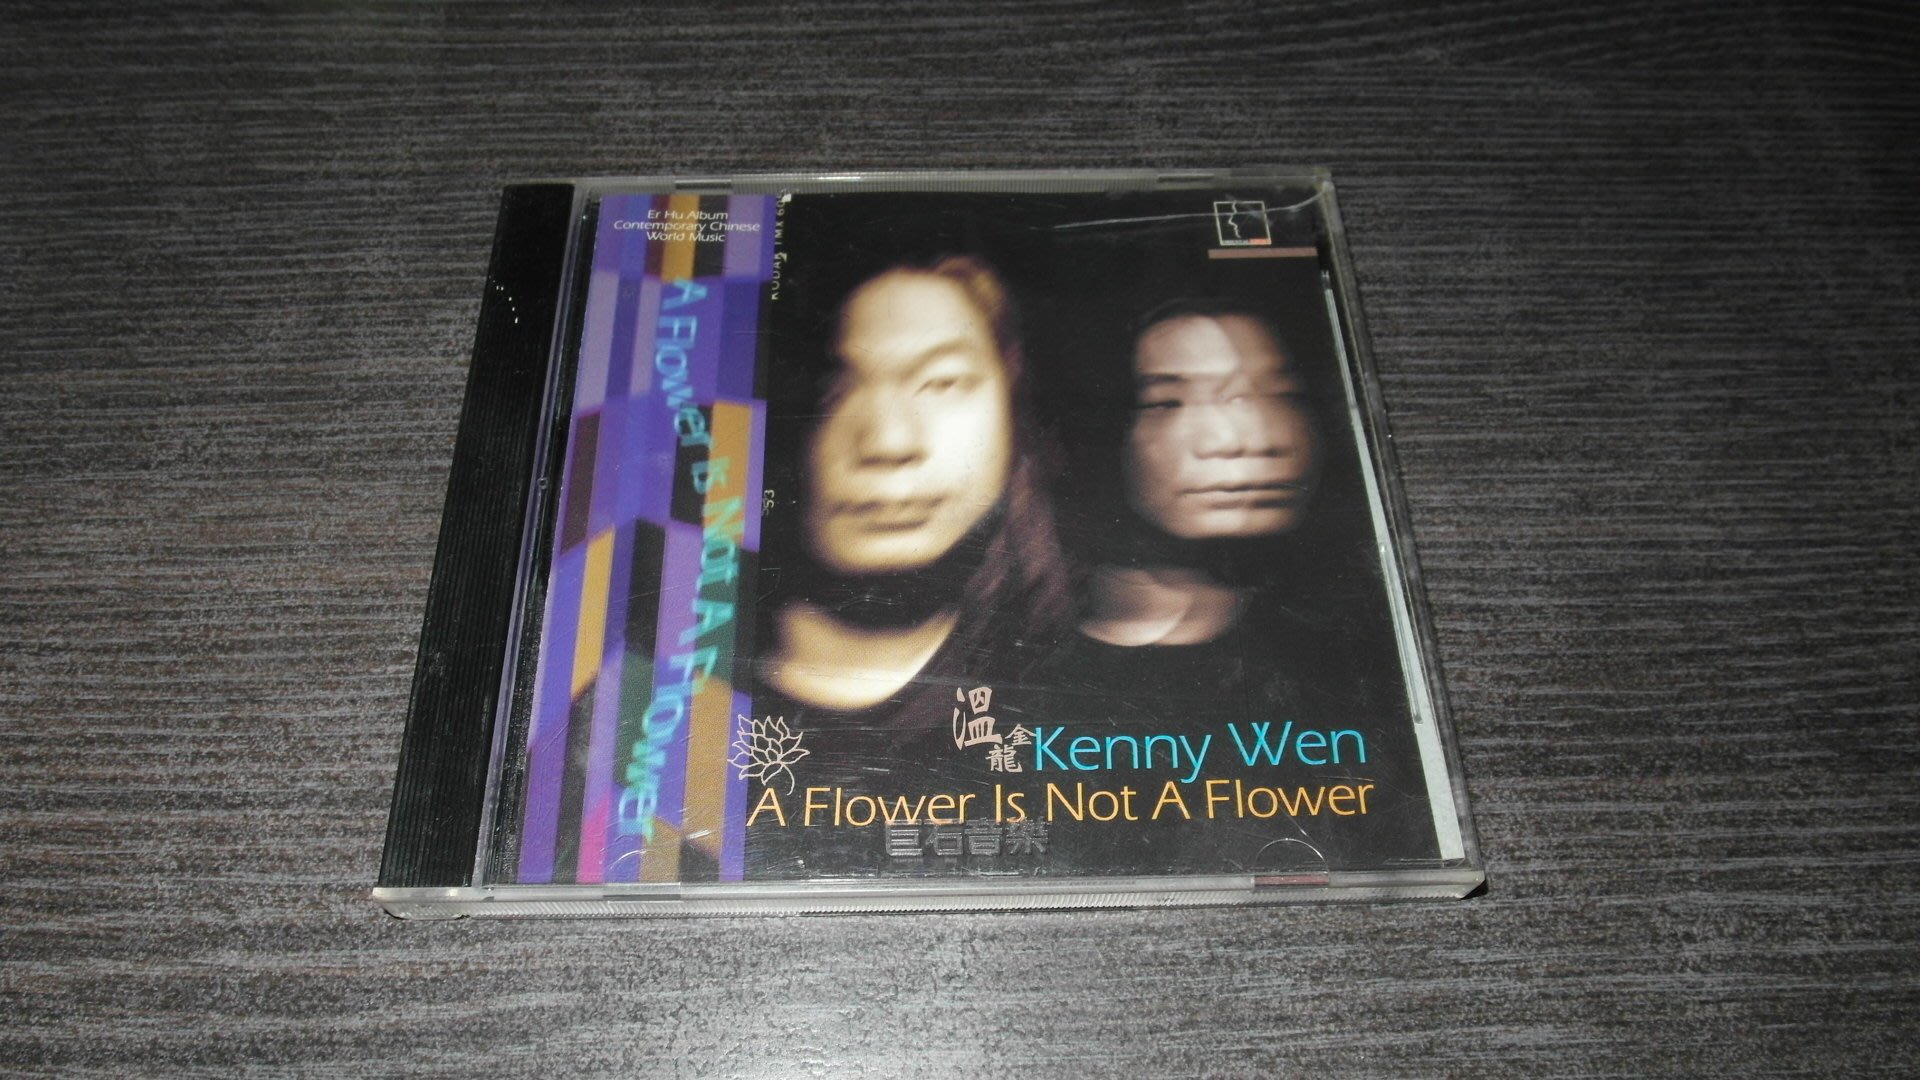 溫金龍 二胡演奏 古典 A Flower Is Not A Flower 無IFPI 有歌詞佳 原版CD片佳 出貨前會檢